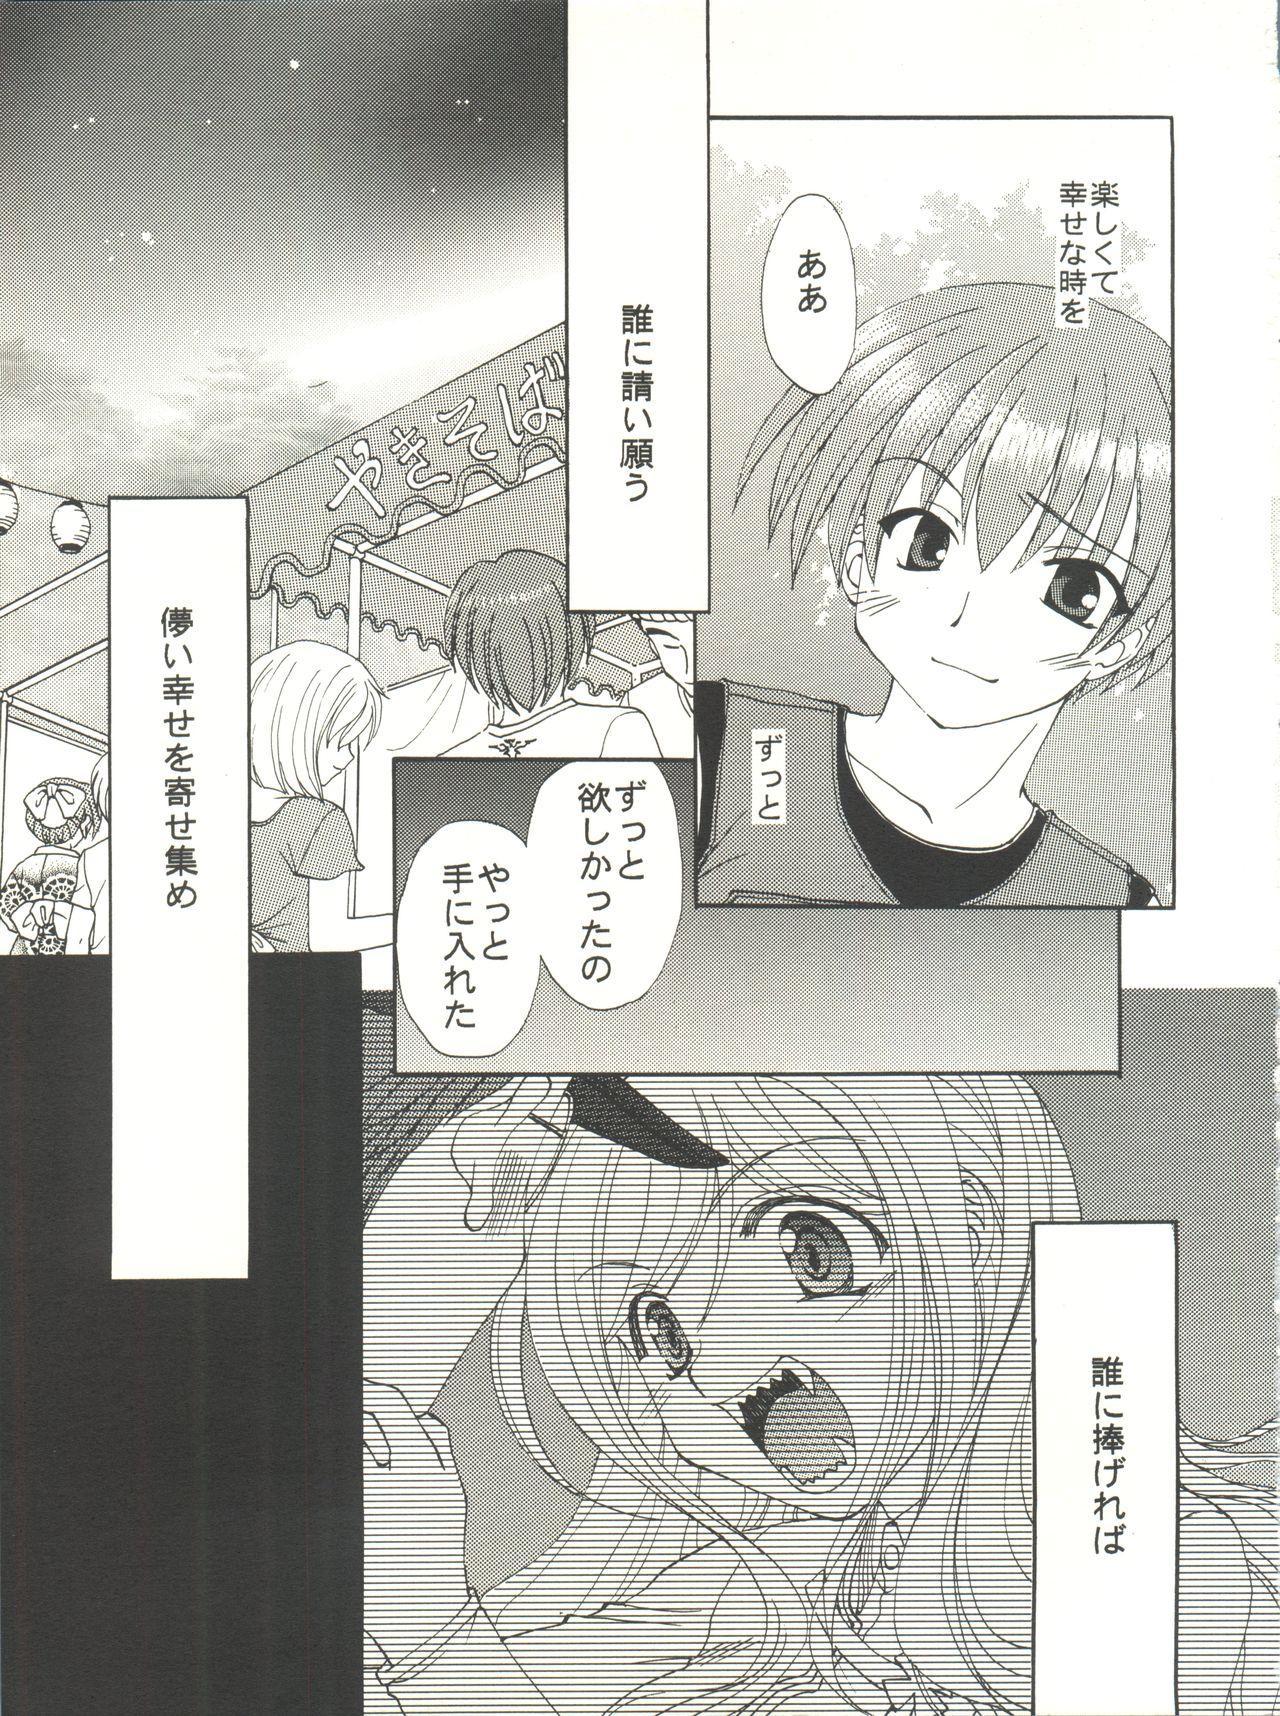 Higurashi no Naku ya ni 18